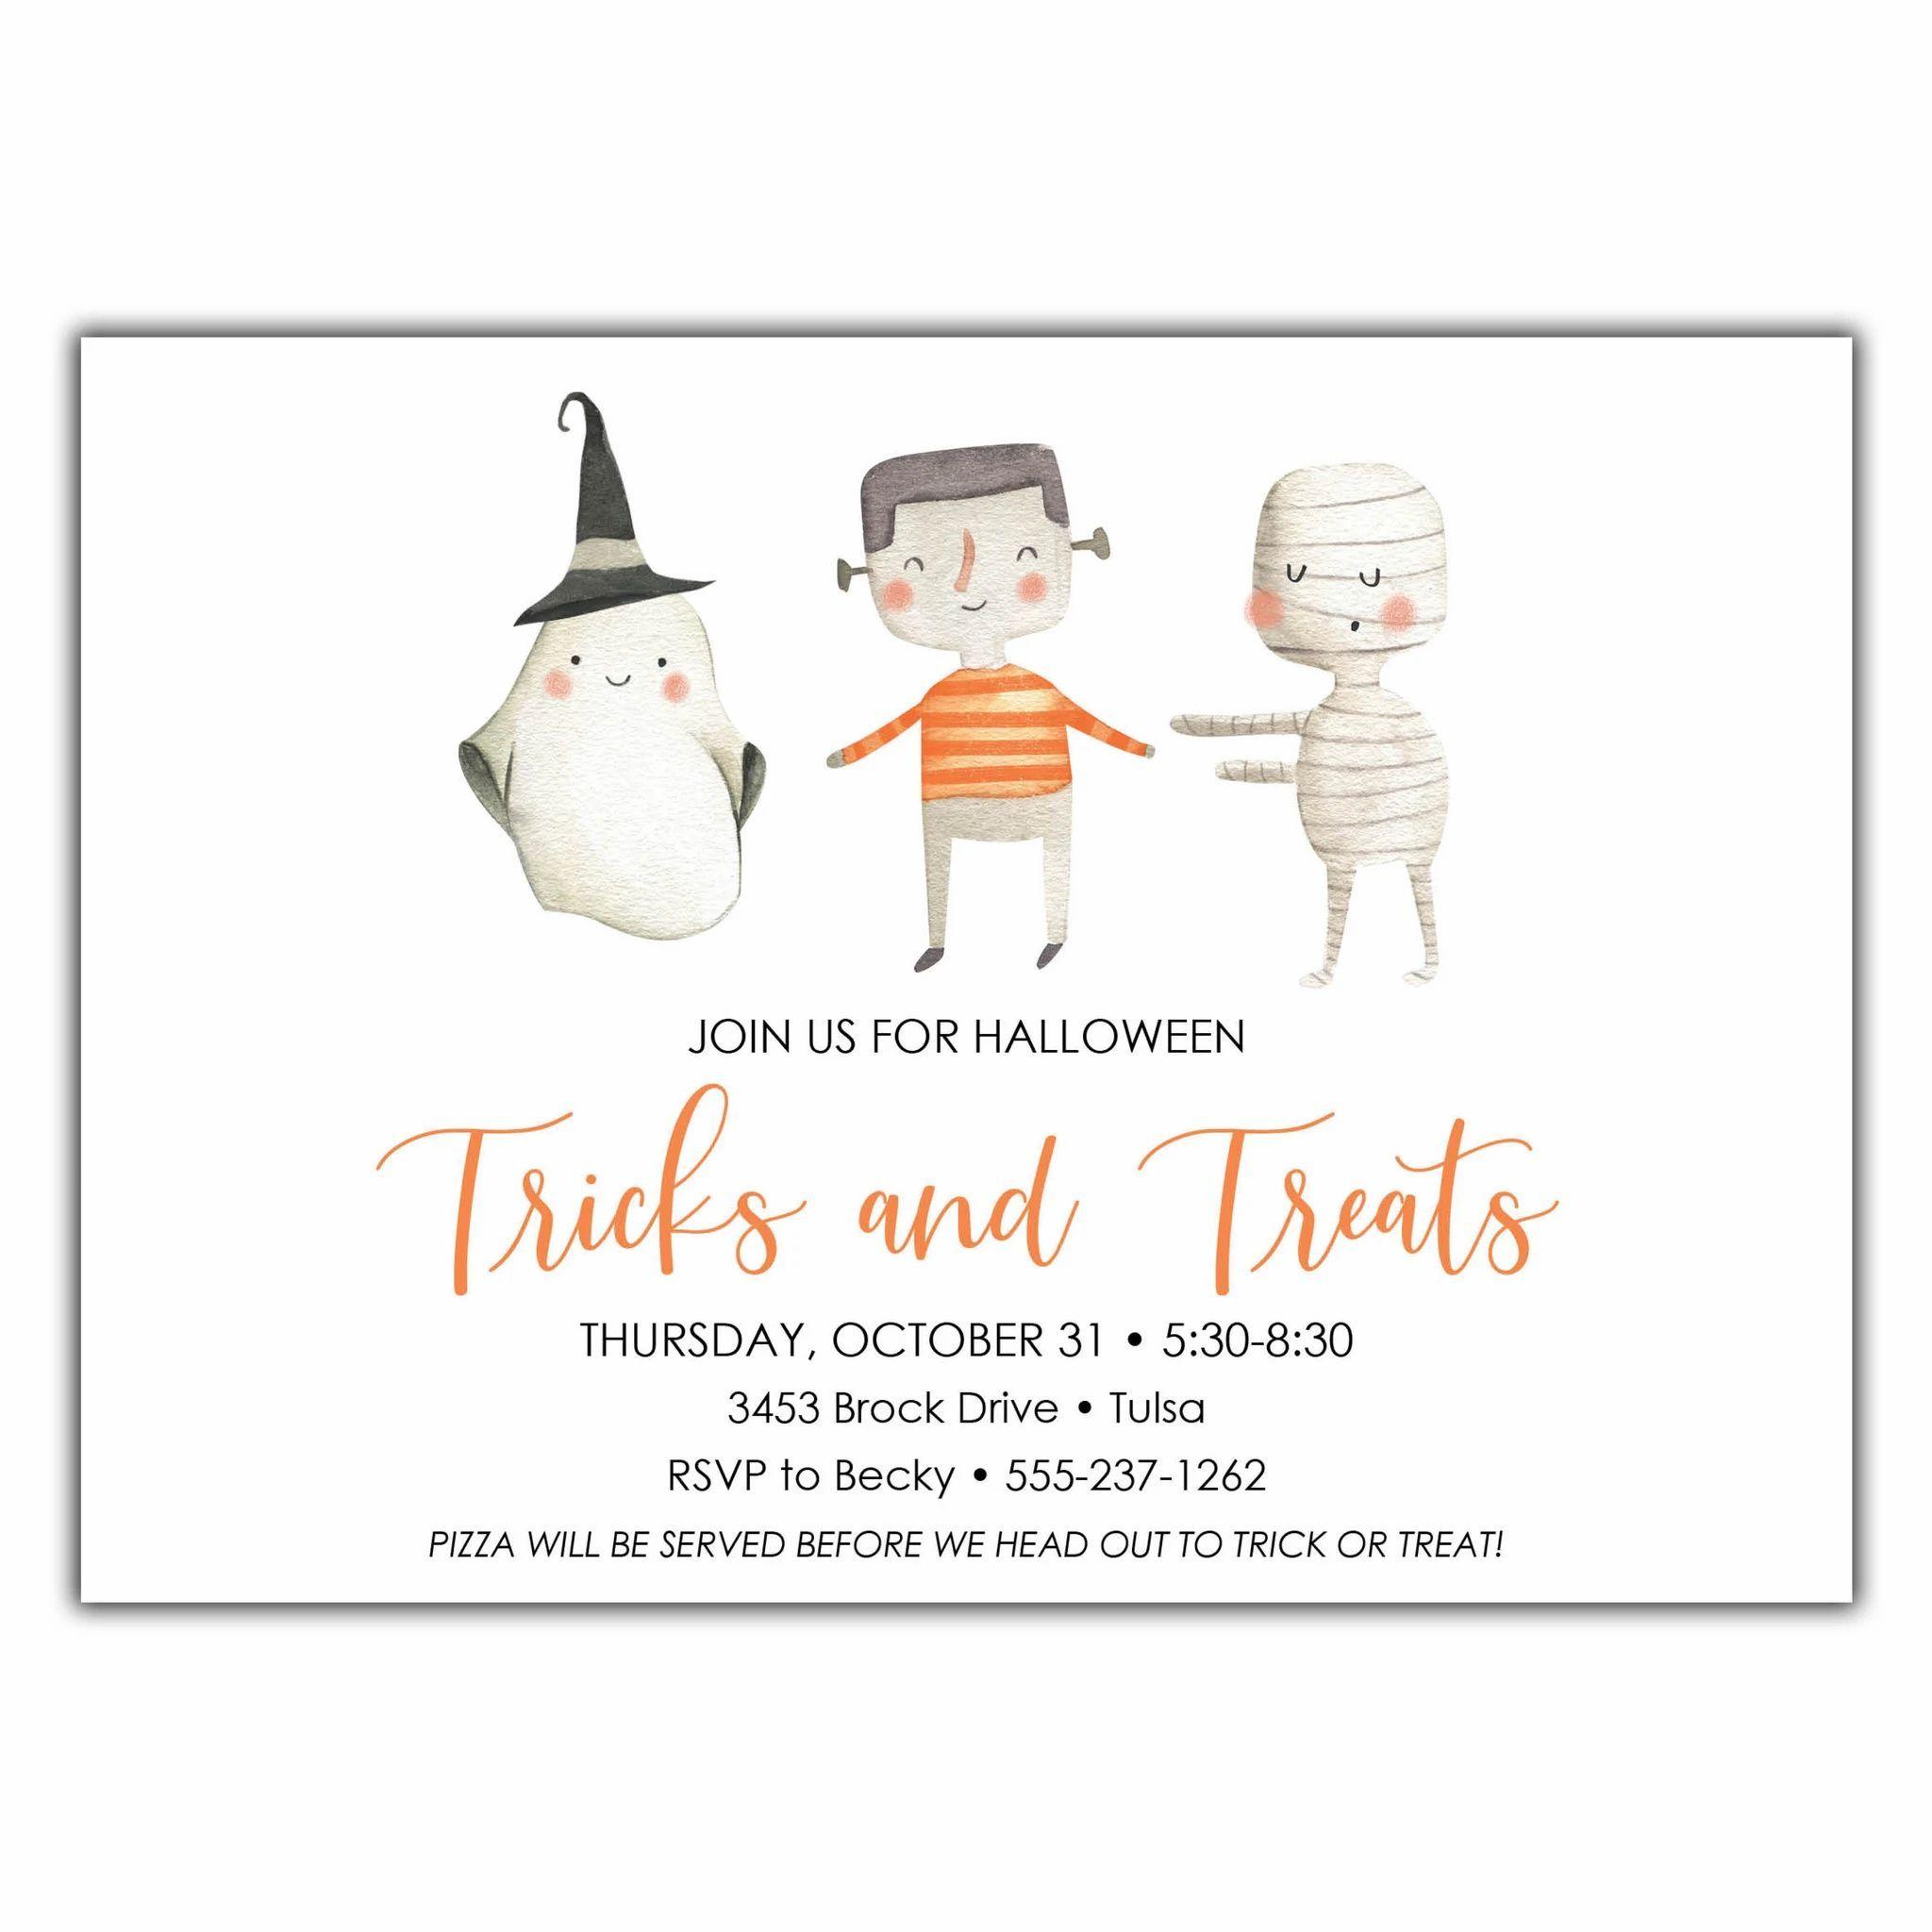 Halloween Parties Tulsa 2020 Halloween Parties in 2020 | Halloween party, Halloween photo cards